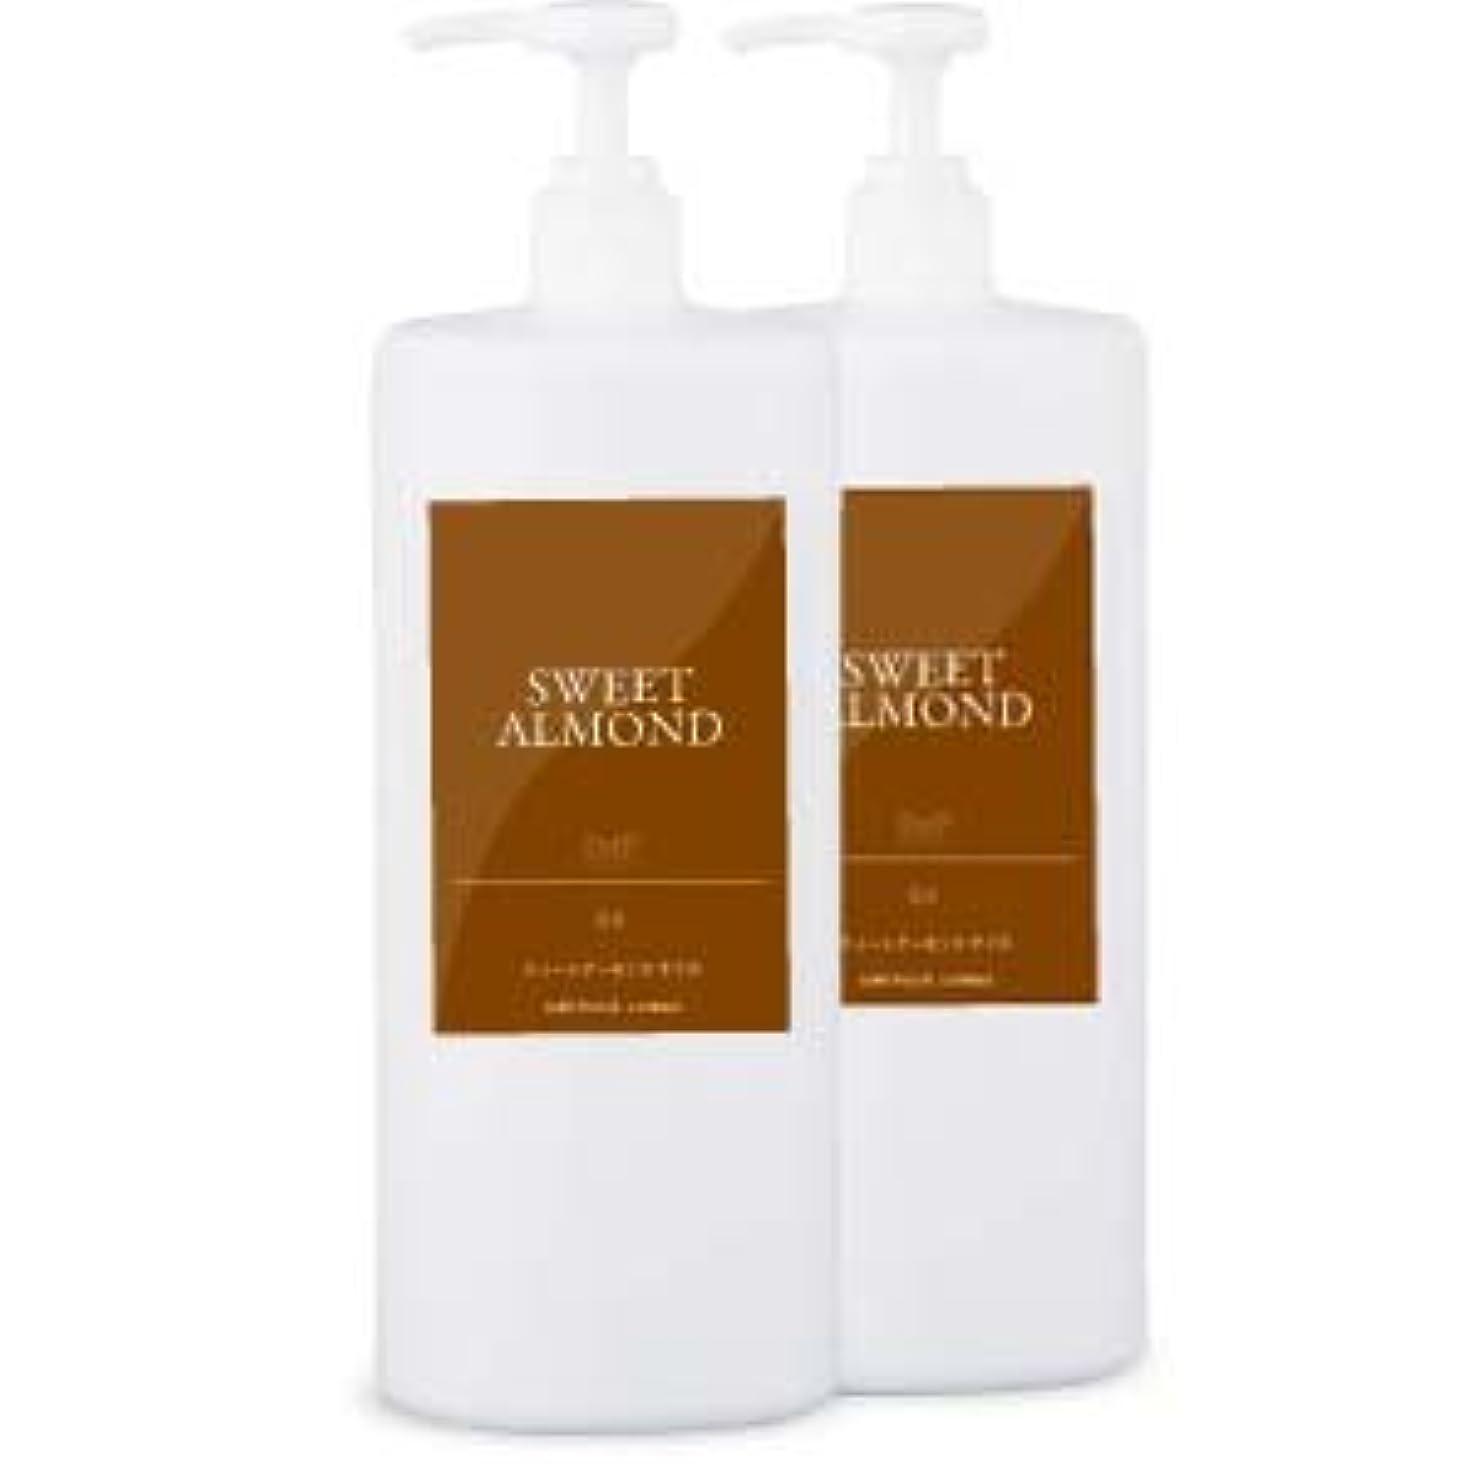 服を洗う顕著集中低刺激性のマッサージオイル!スィートアーモンドIMP 2本セット